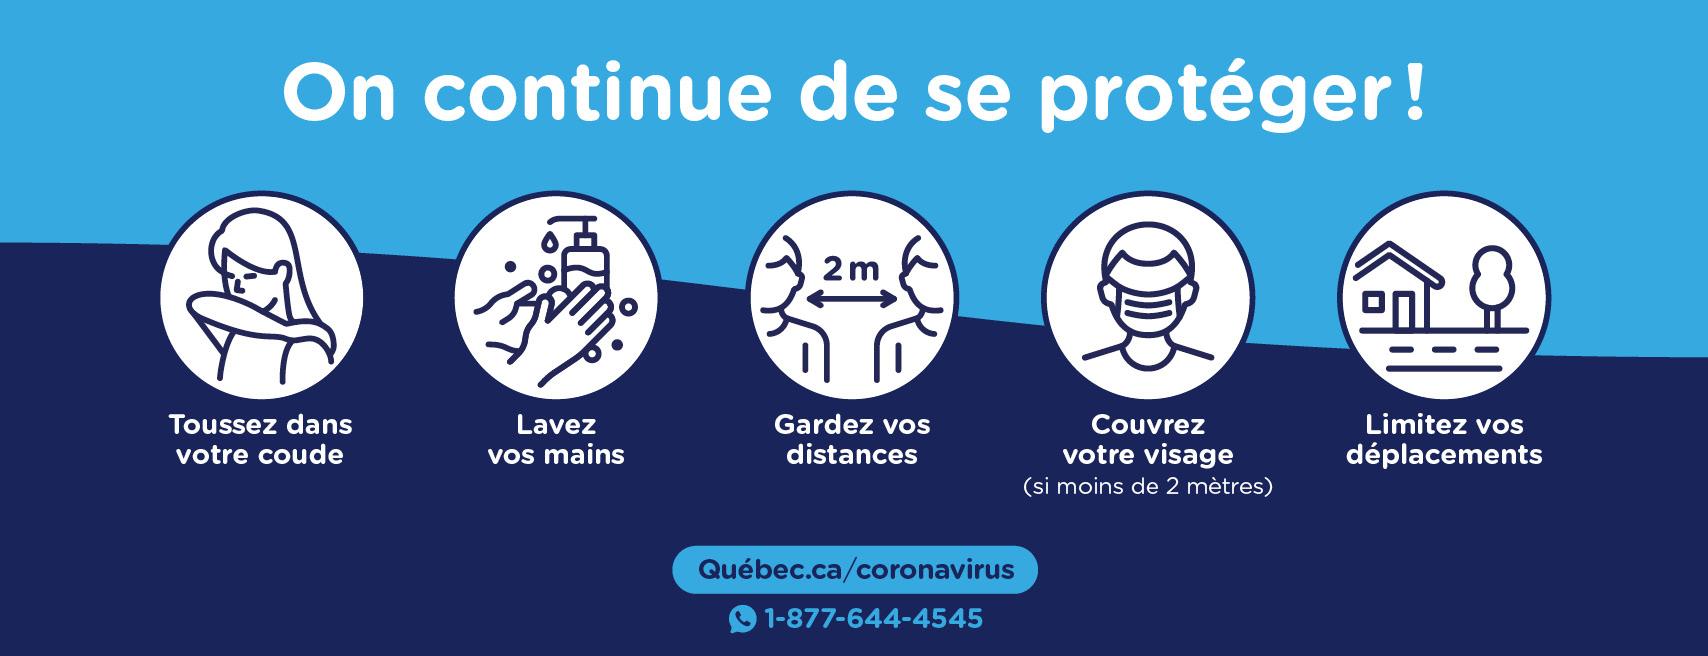 Mises A Jour Sur La Covid 19 Ftq Federation Des Travailleurs Et Travailleuses Du Quebec